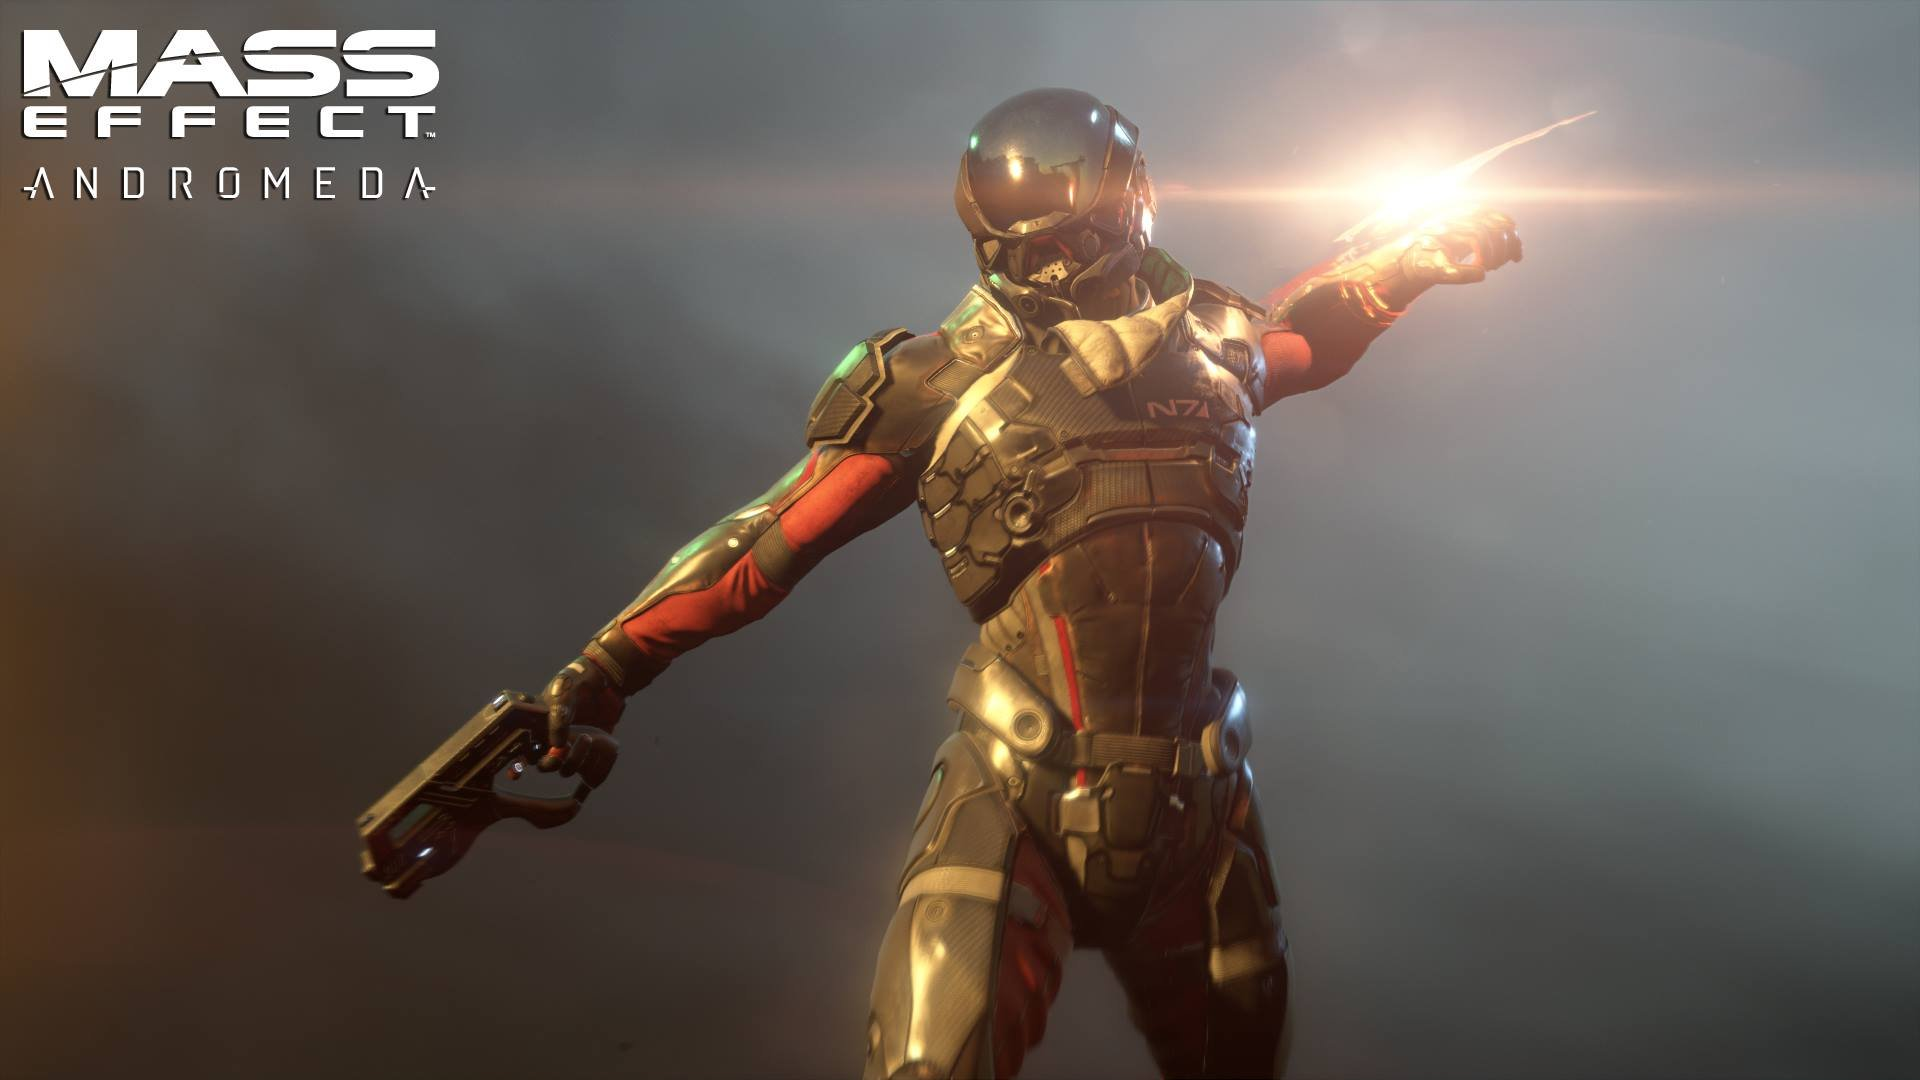 Mass Effect Andromeda 1920x1080: Mass Effect: Andromeda Full HD Fond D'écran And Arrière